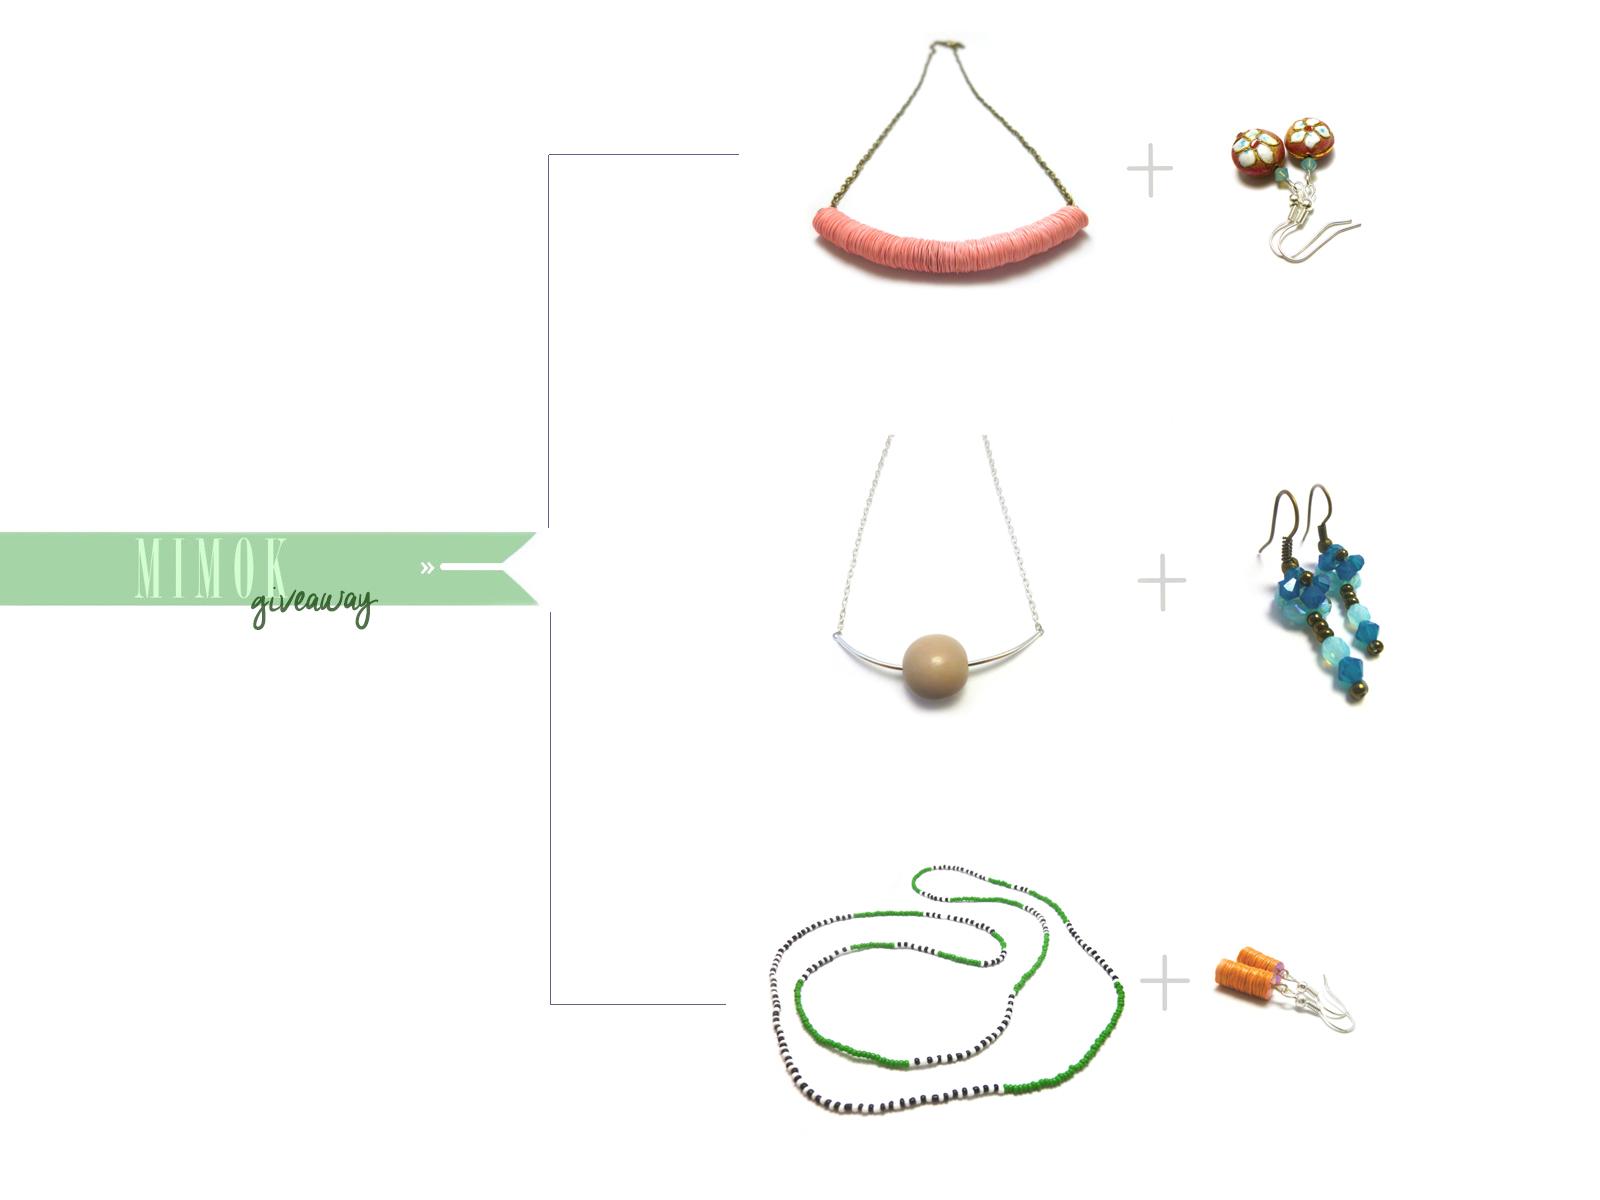 mimok_jewelry